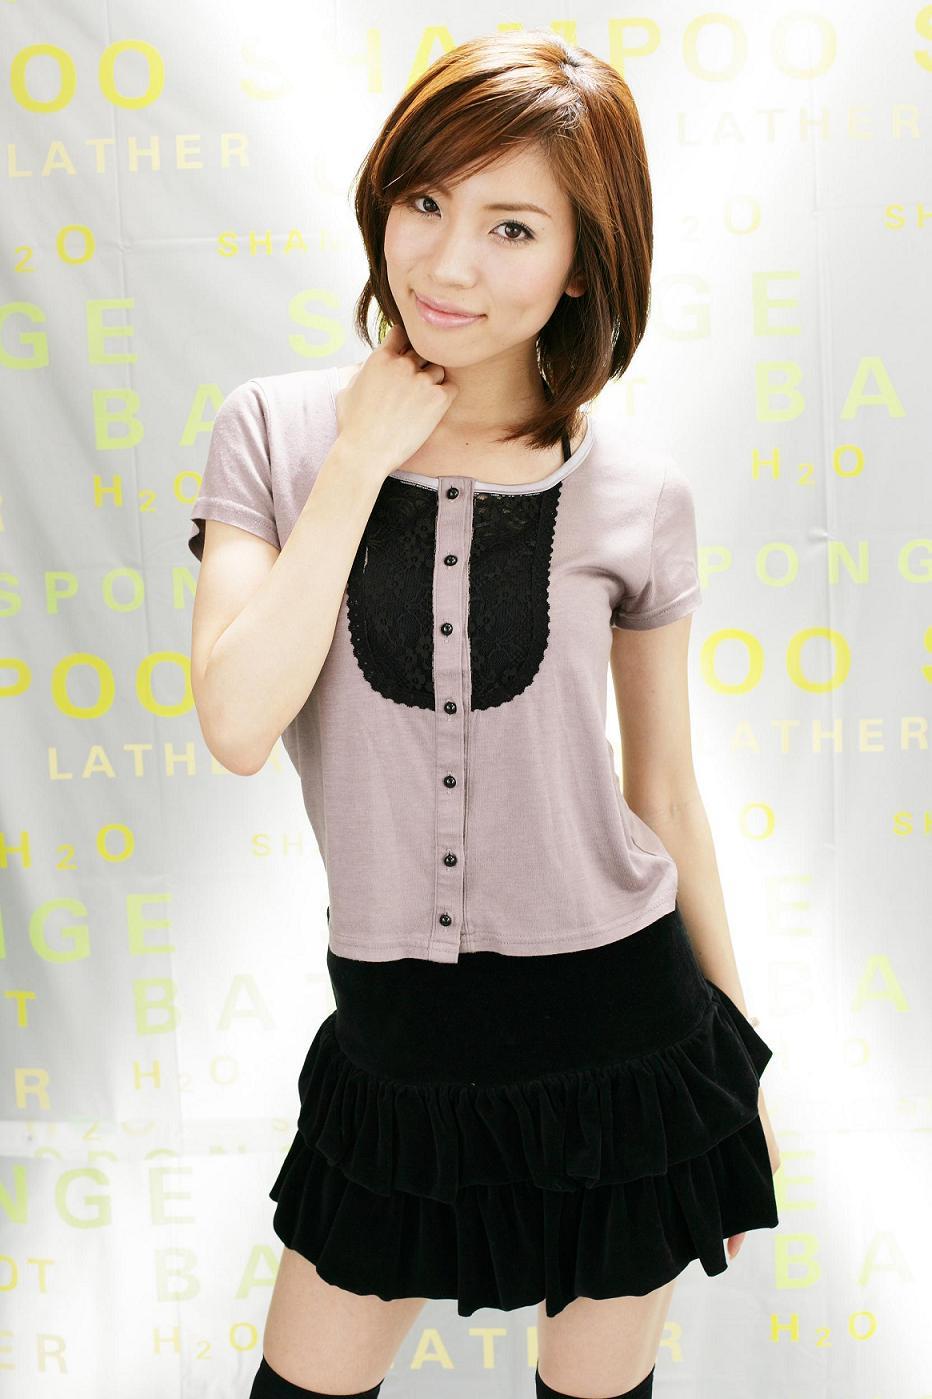 hiurayukari 氷浦 紫(ひうら ゆかり) フットサルチーム『OMIASHI』メンバー.